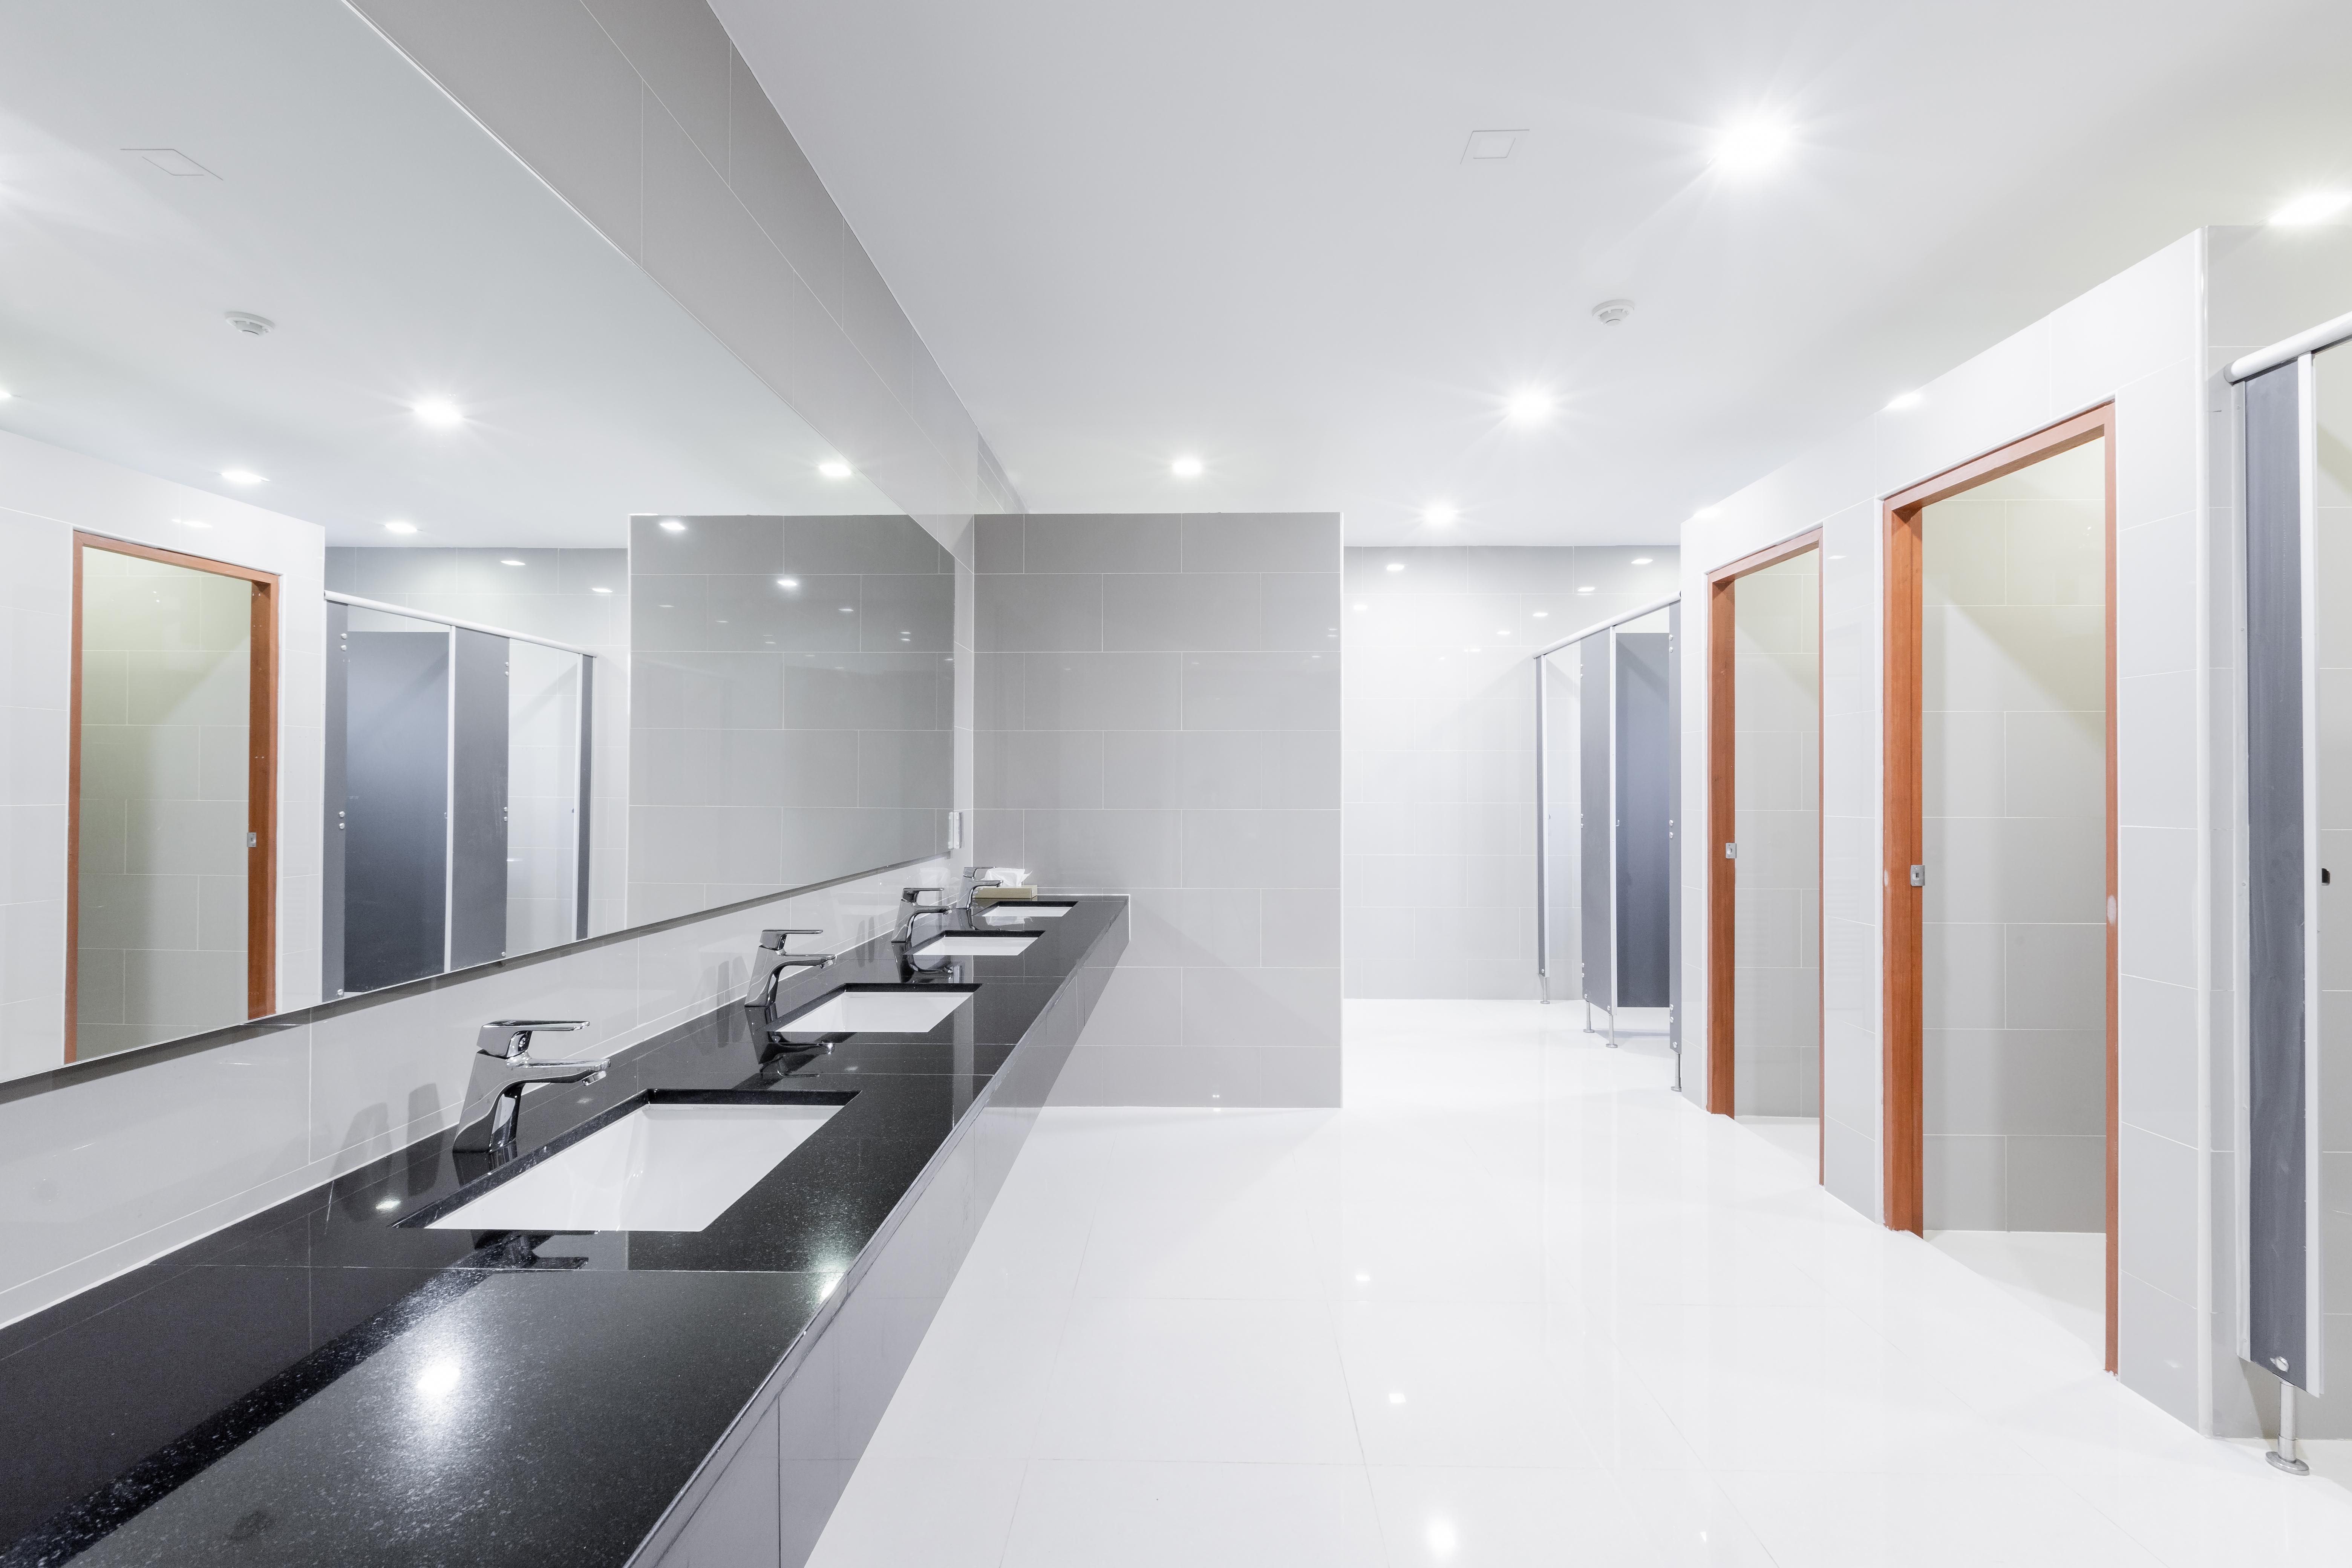 Wyposażenie łazienki w obiekcie publicznym - rozwiązania